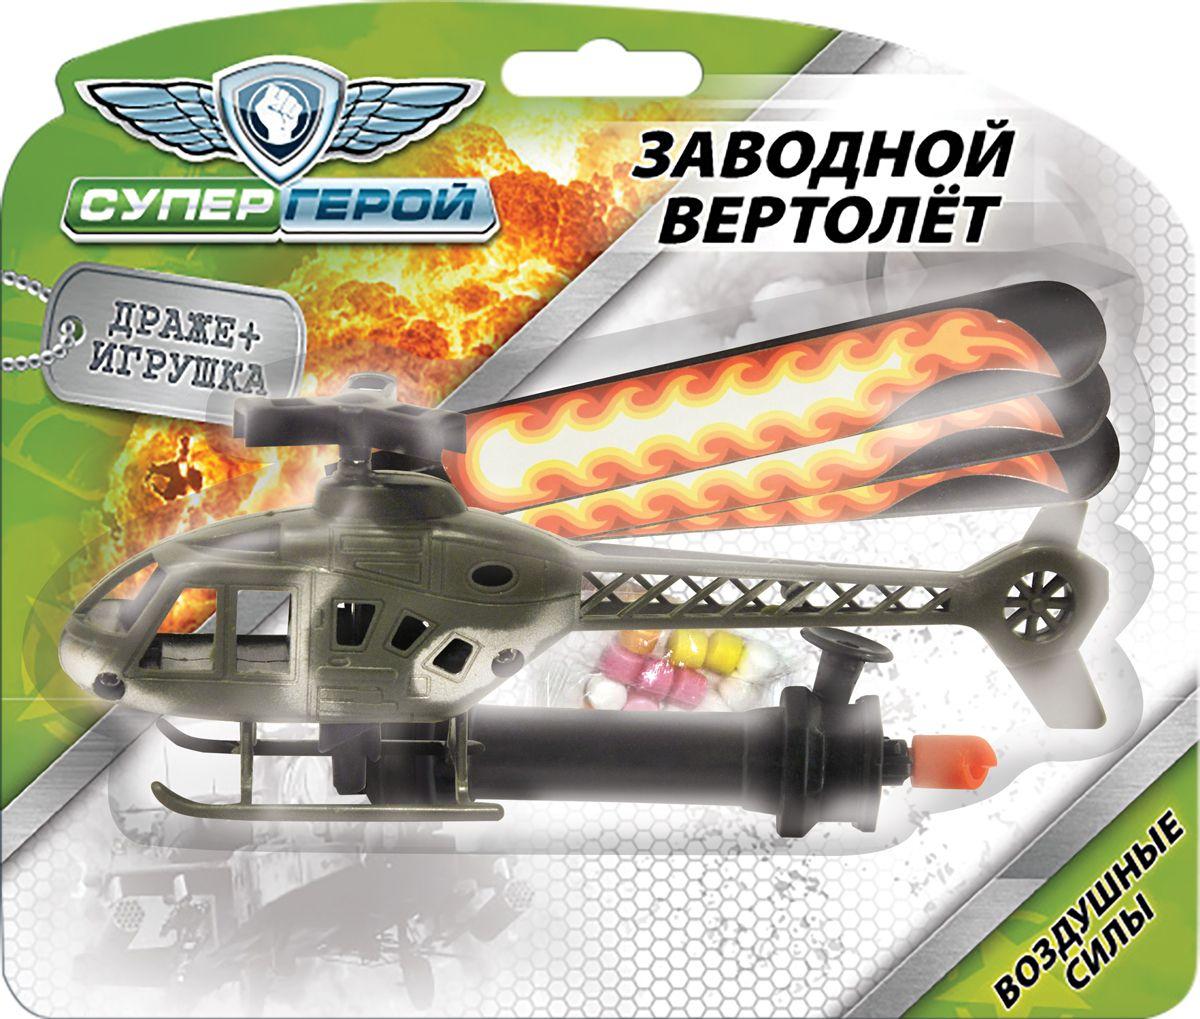 Конфитрейд супергерой Вертолет с тубой для запуска фруктовое драже с игрушкой, 5 г конфитрейд автодром мотоцикл фруктовое драже с игрушкой 5 г